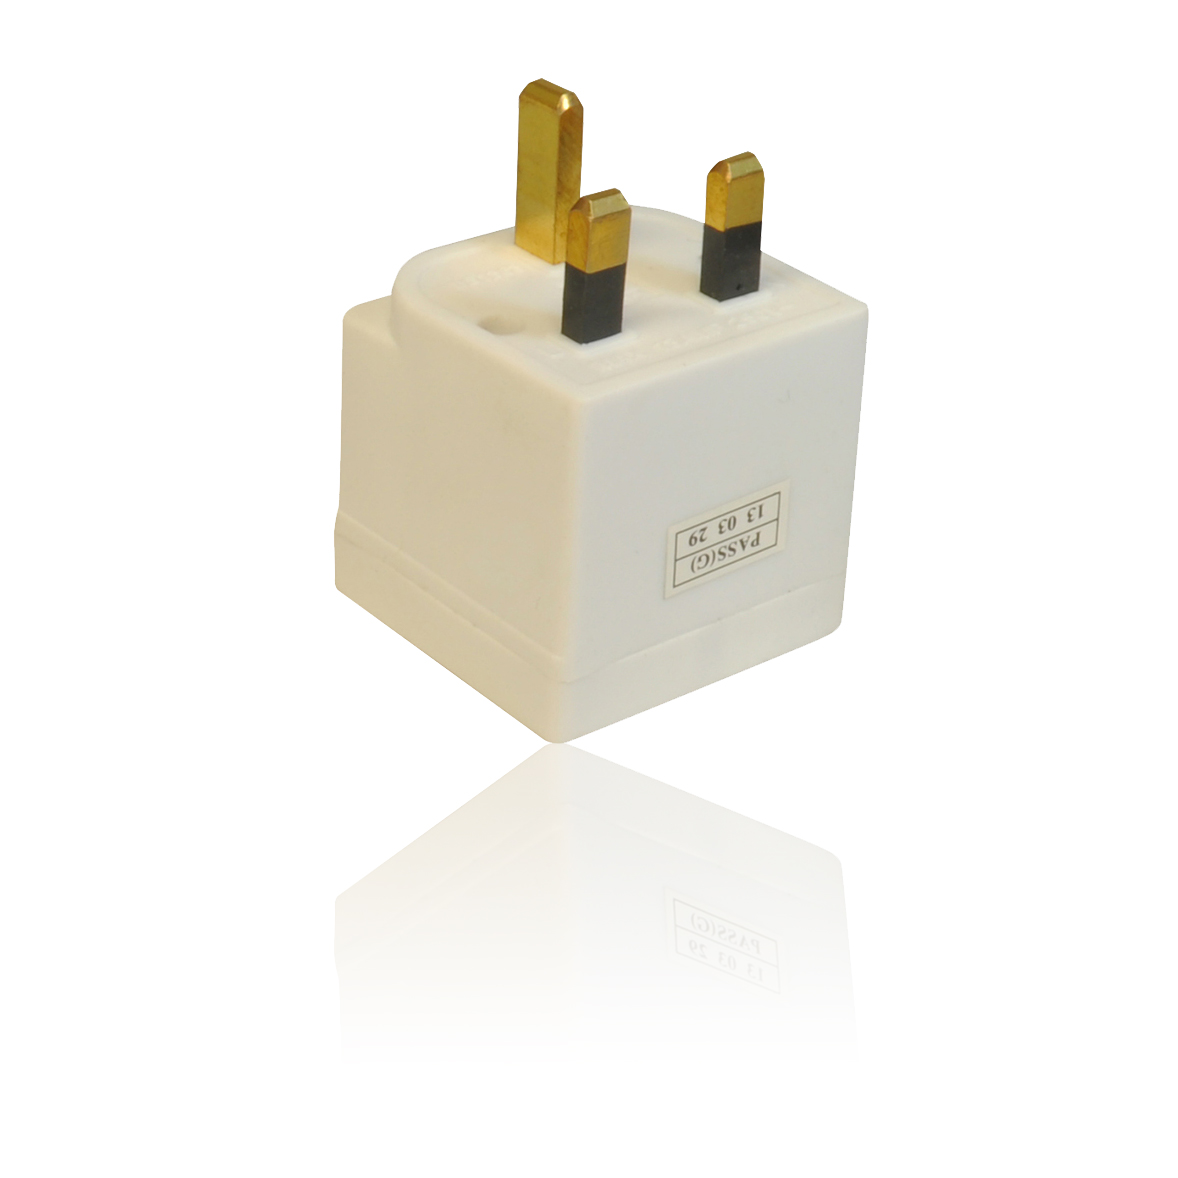 3 way triple uk mains 3 pin 250v adapter plug socket. Black Bedroom Furniture Sets. Home Design Ideas